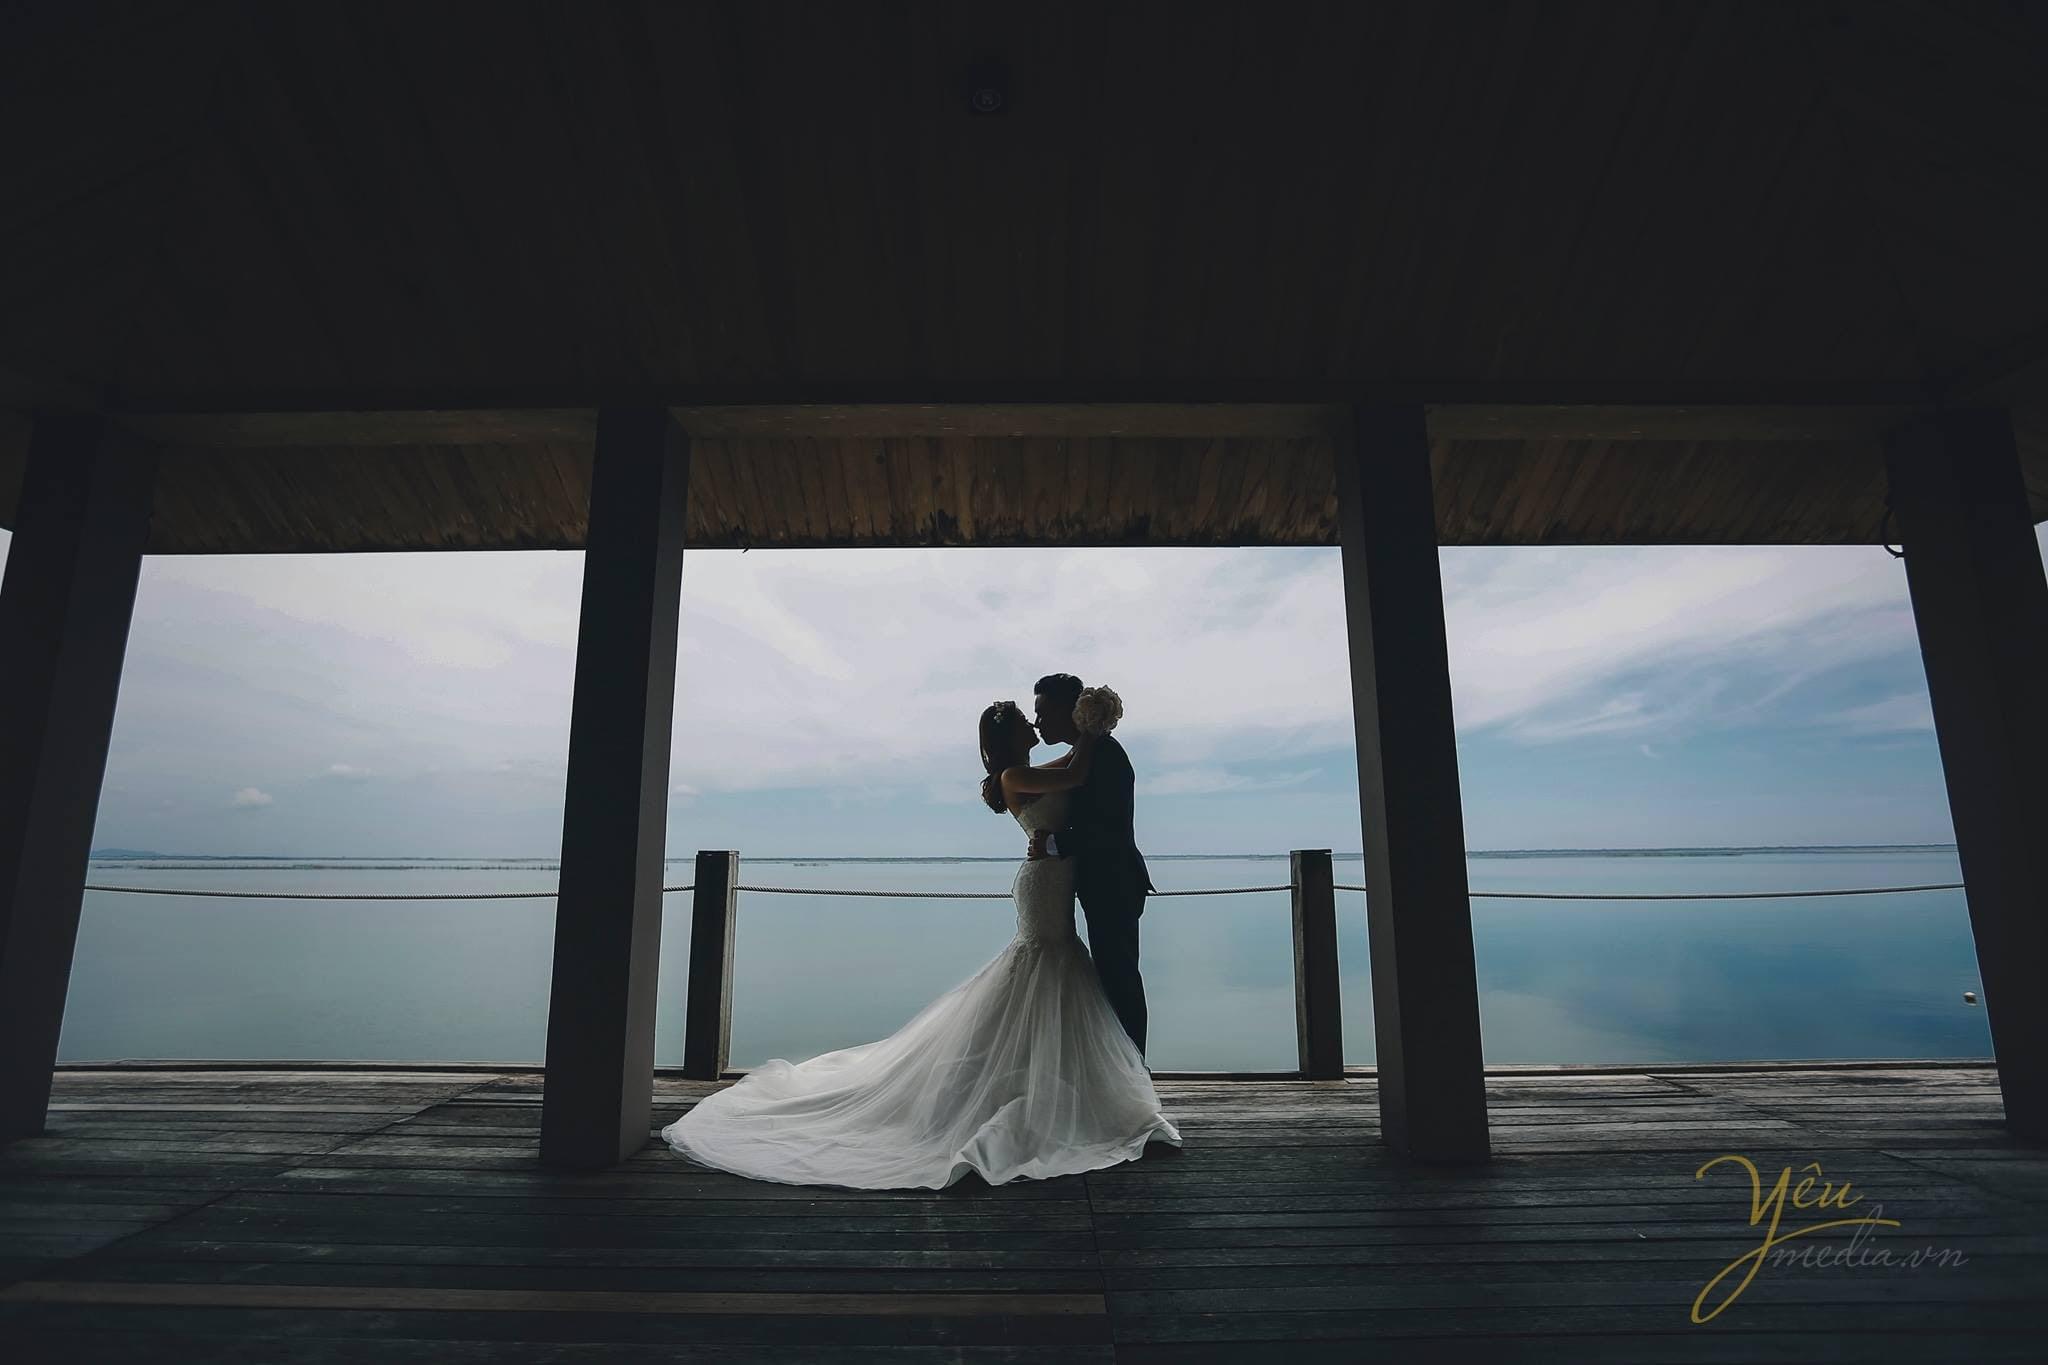 ảnh chụp cô dâu chú rể hôn nhau trên cầu nhìn ra hồ